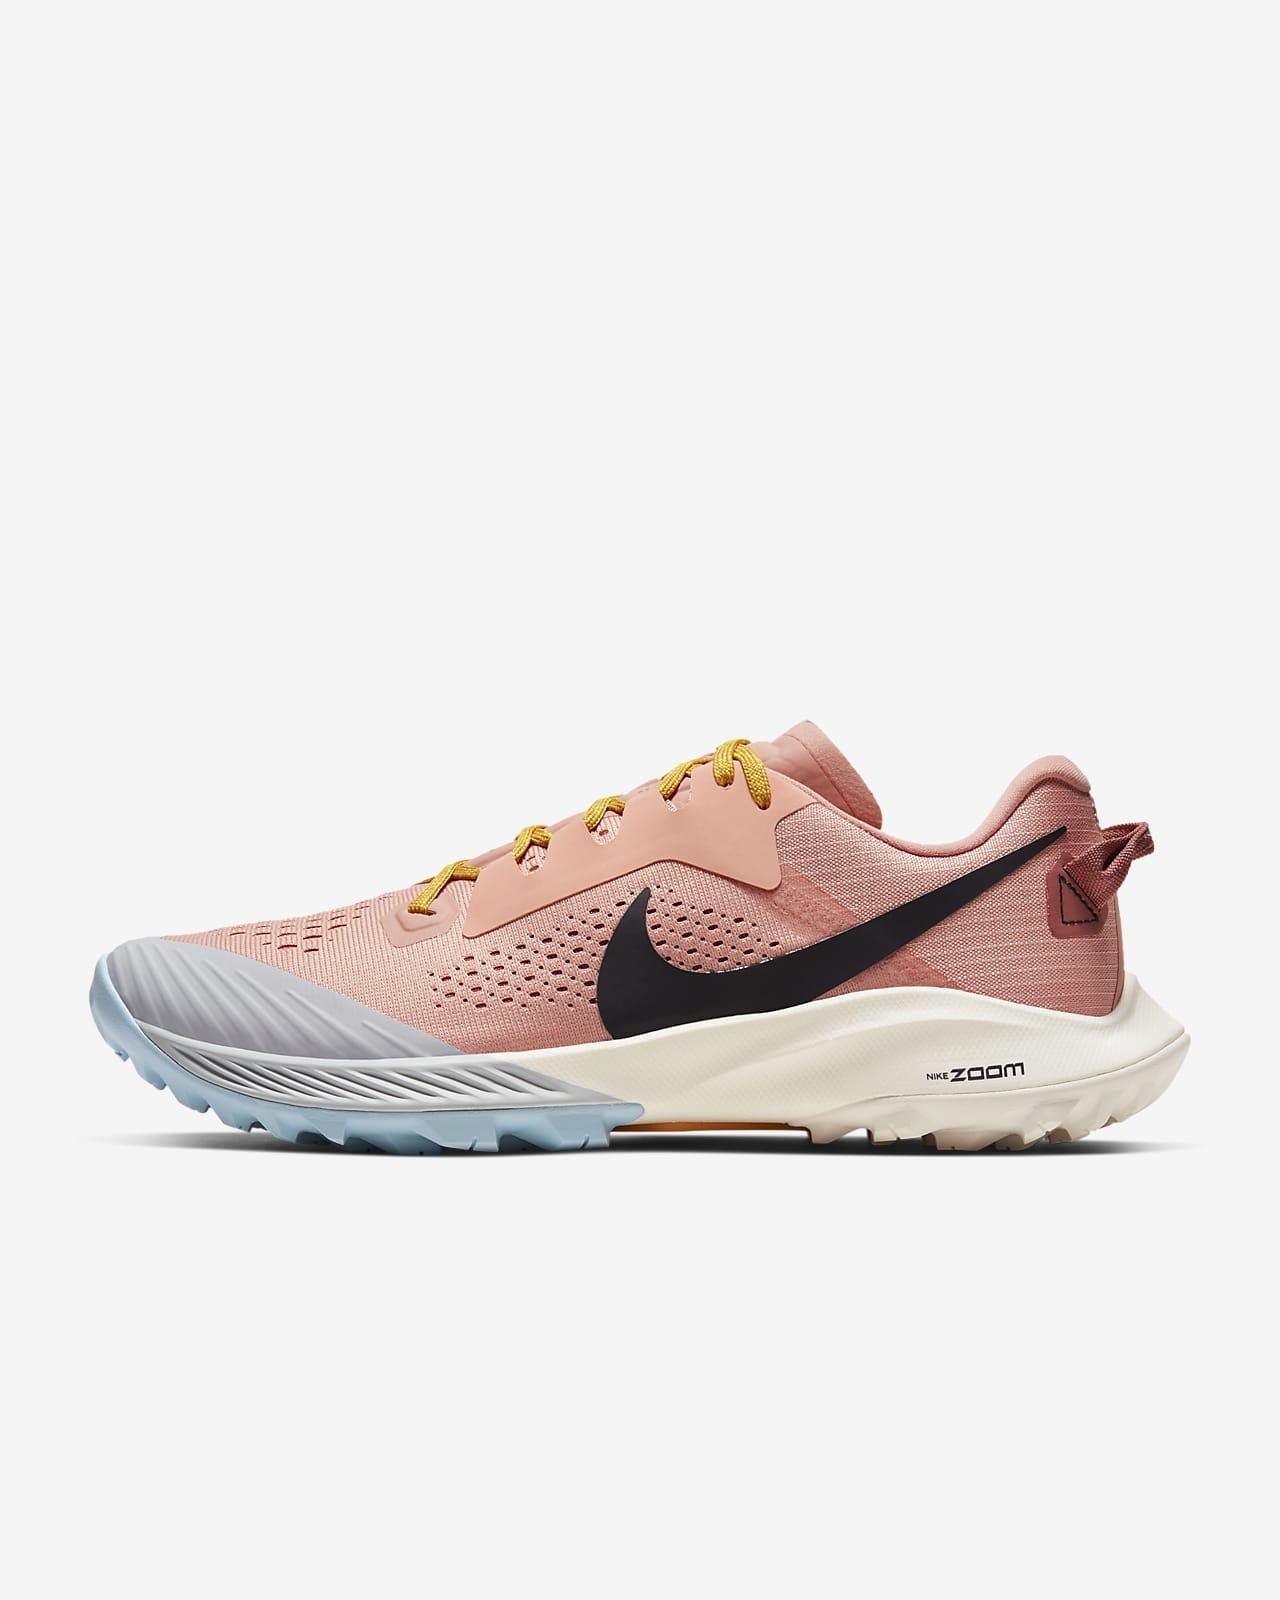 Nike Air Zoom Terra Kiger 6-trailløbesko til kvinder